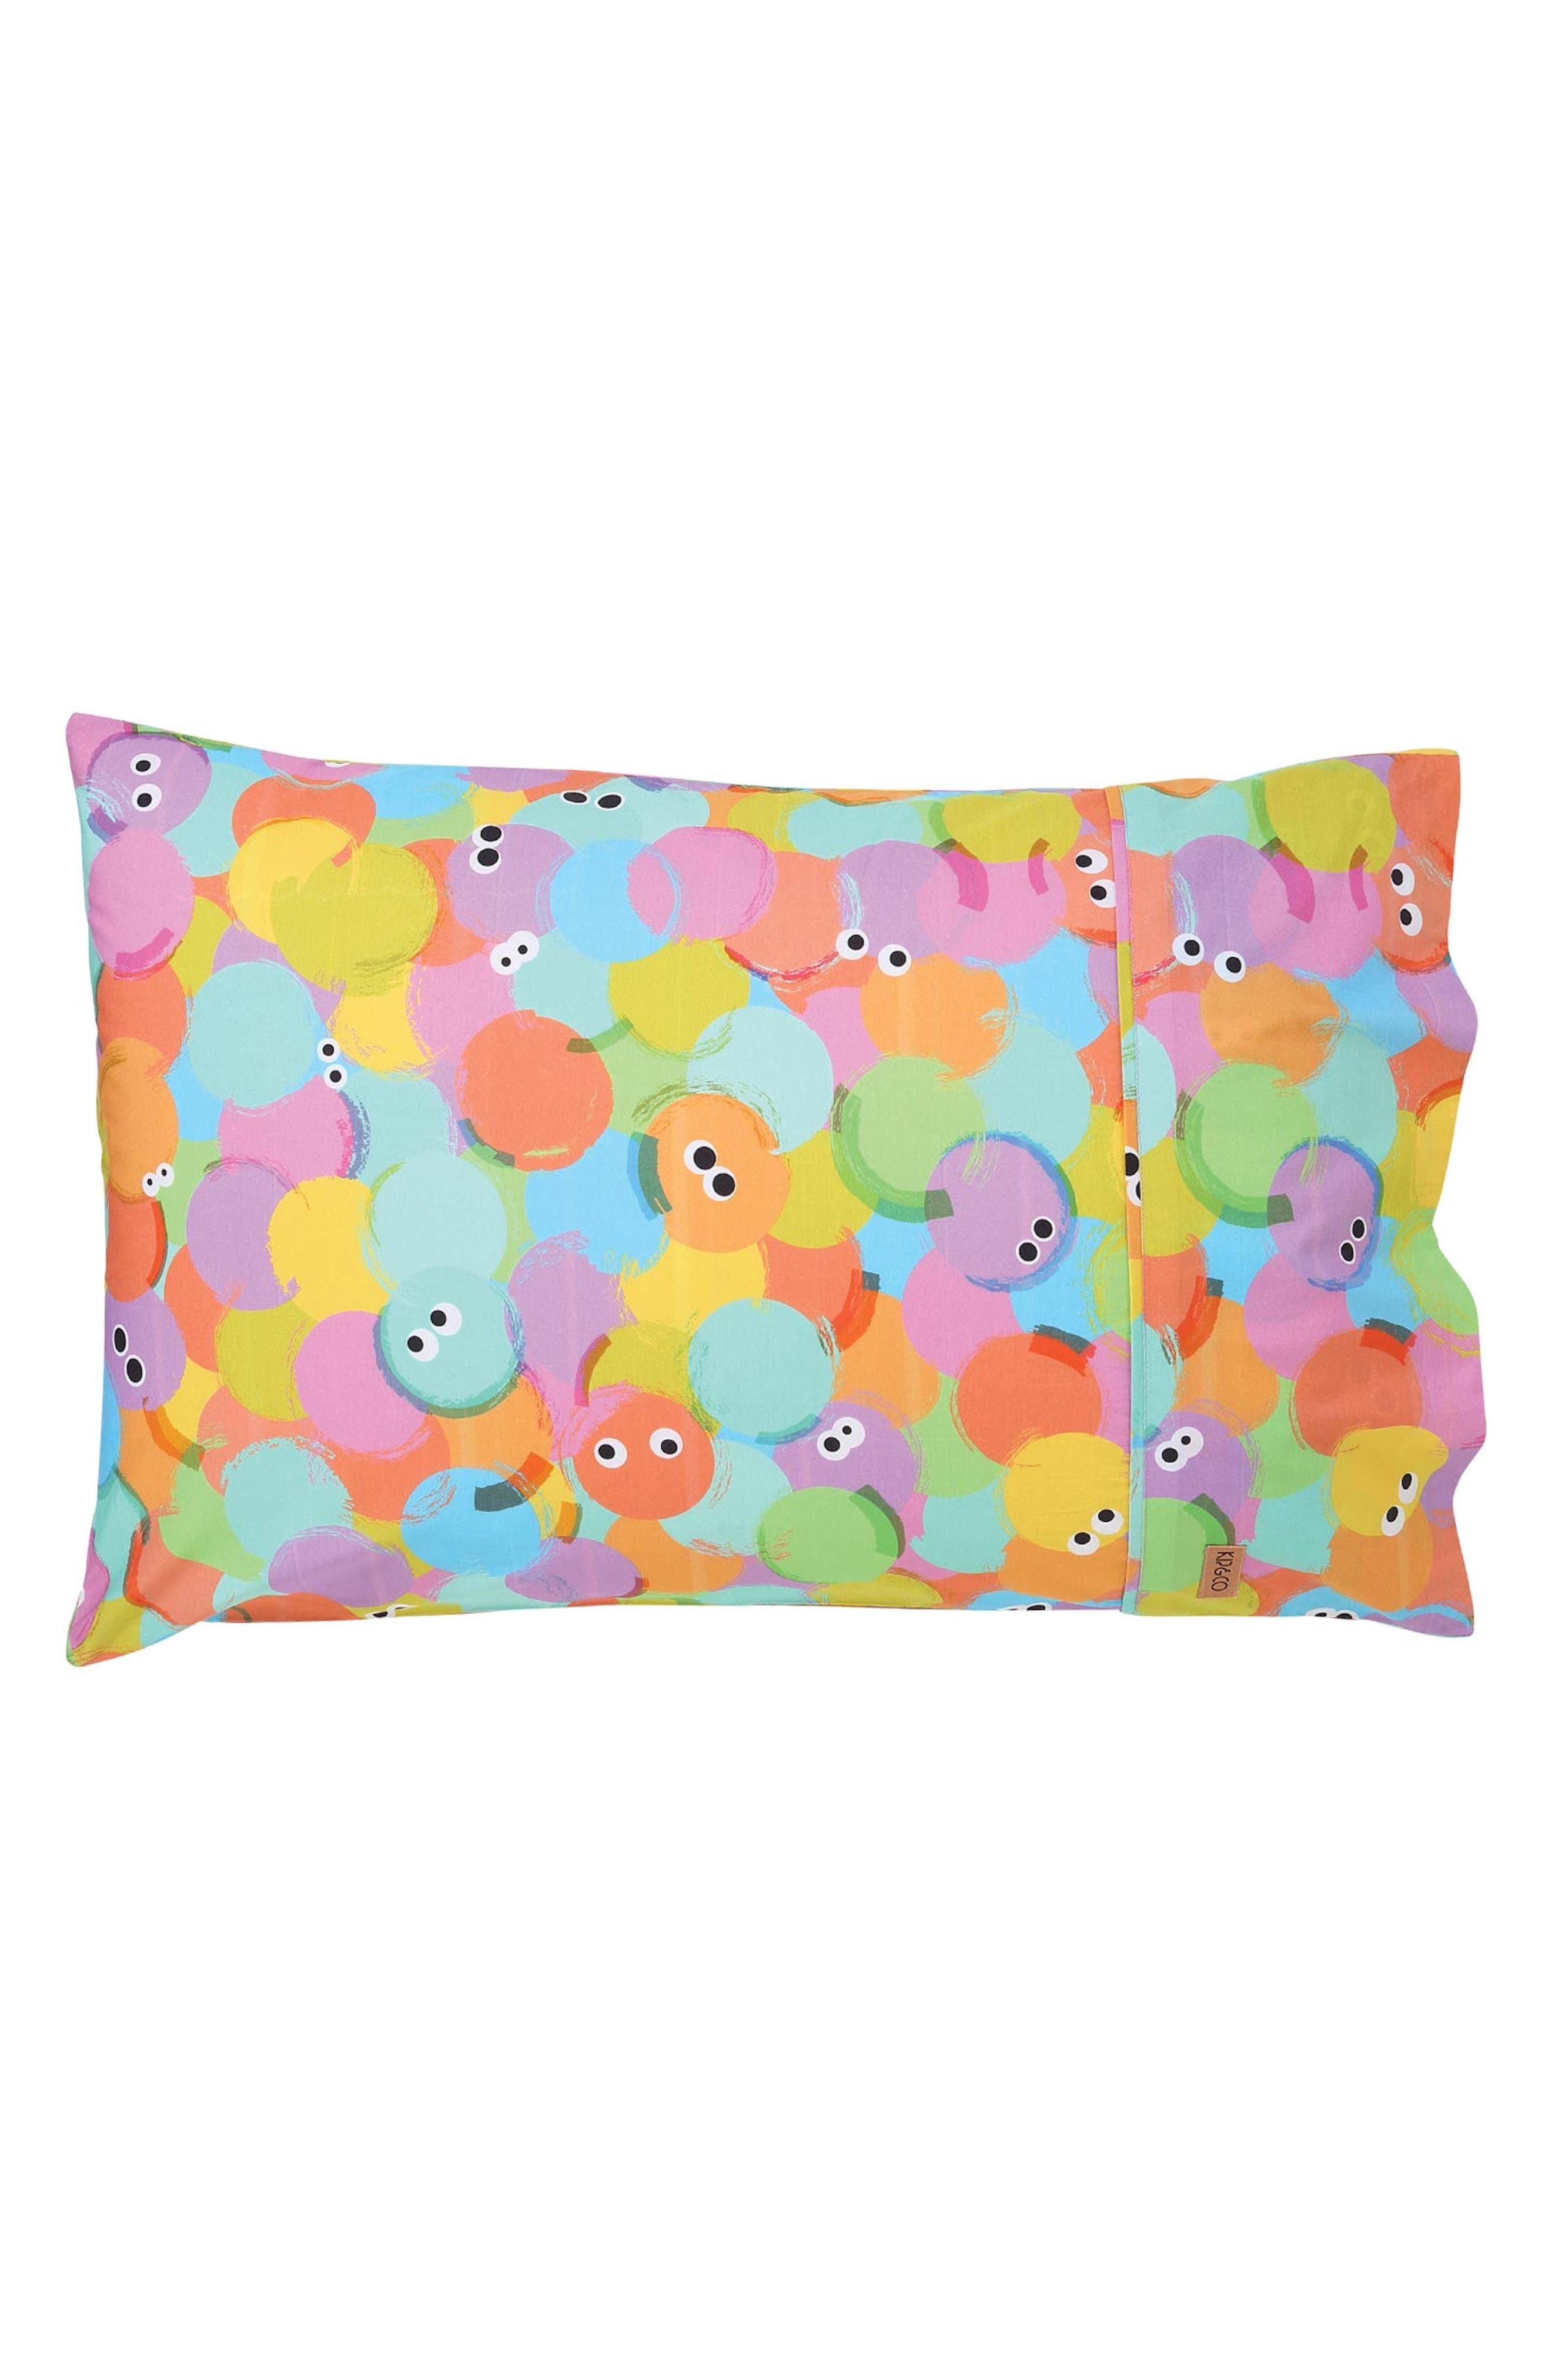 Hello World Cotton Pillowcase,                         Main,                         color, MULTI